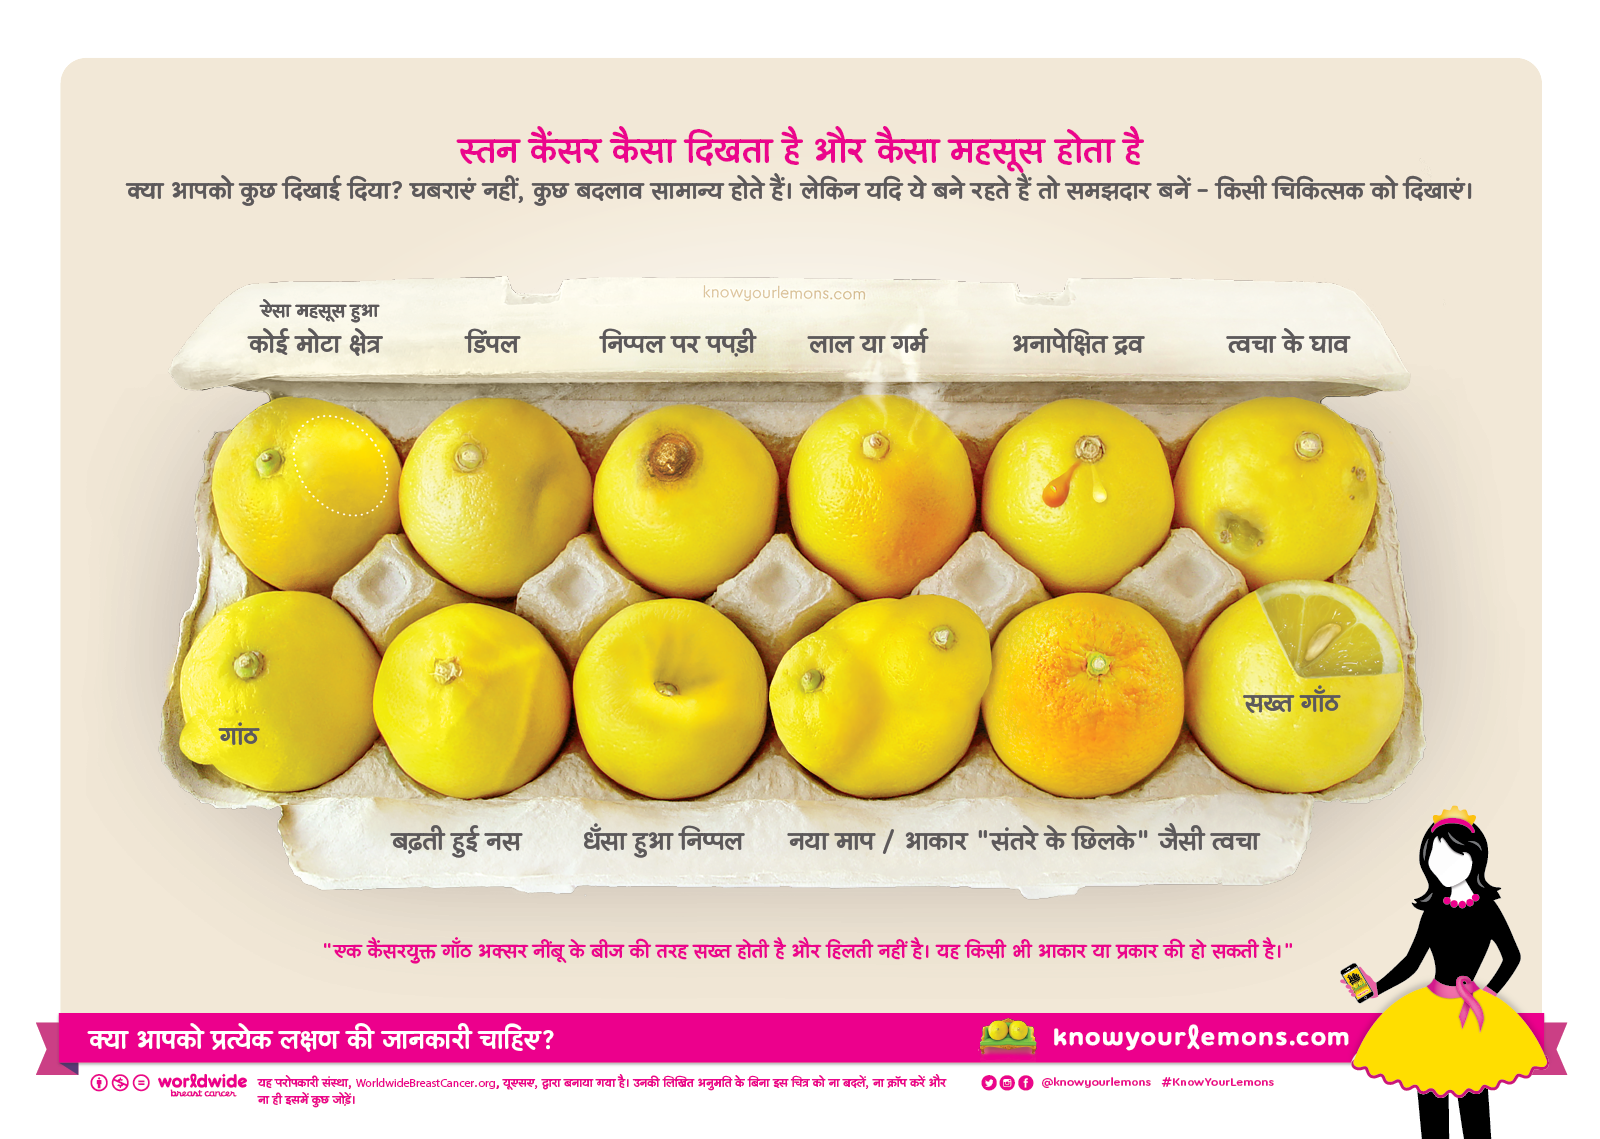 स्तन कैंसर के 12 लक्षण नींबू के साथ